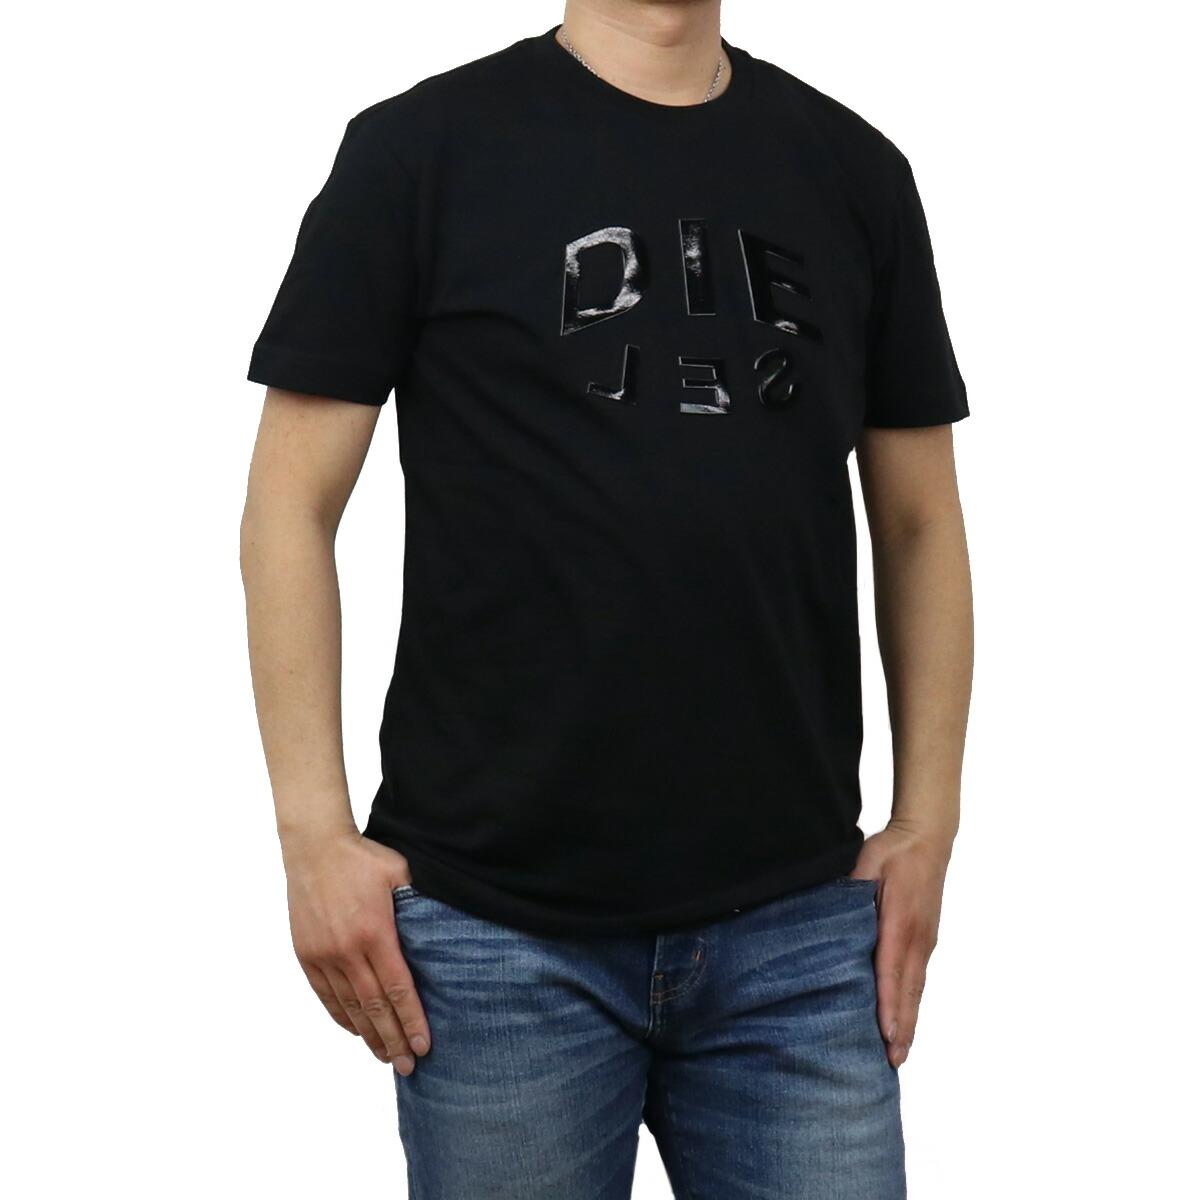 ディーゼル DIESEL メンズ-Tシャツ A01746 0PATI 9XX ブラック bos-43 apparel-01 ts-01 メンズ